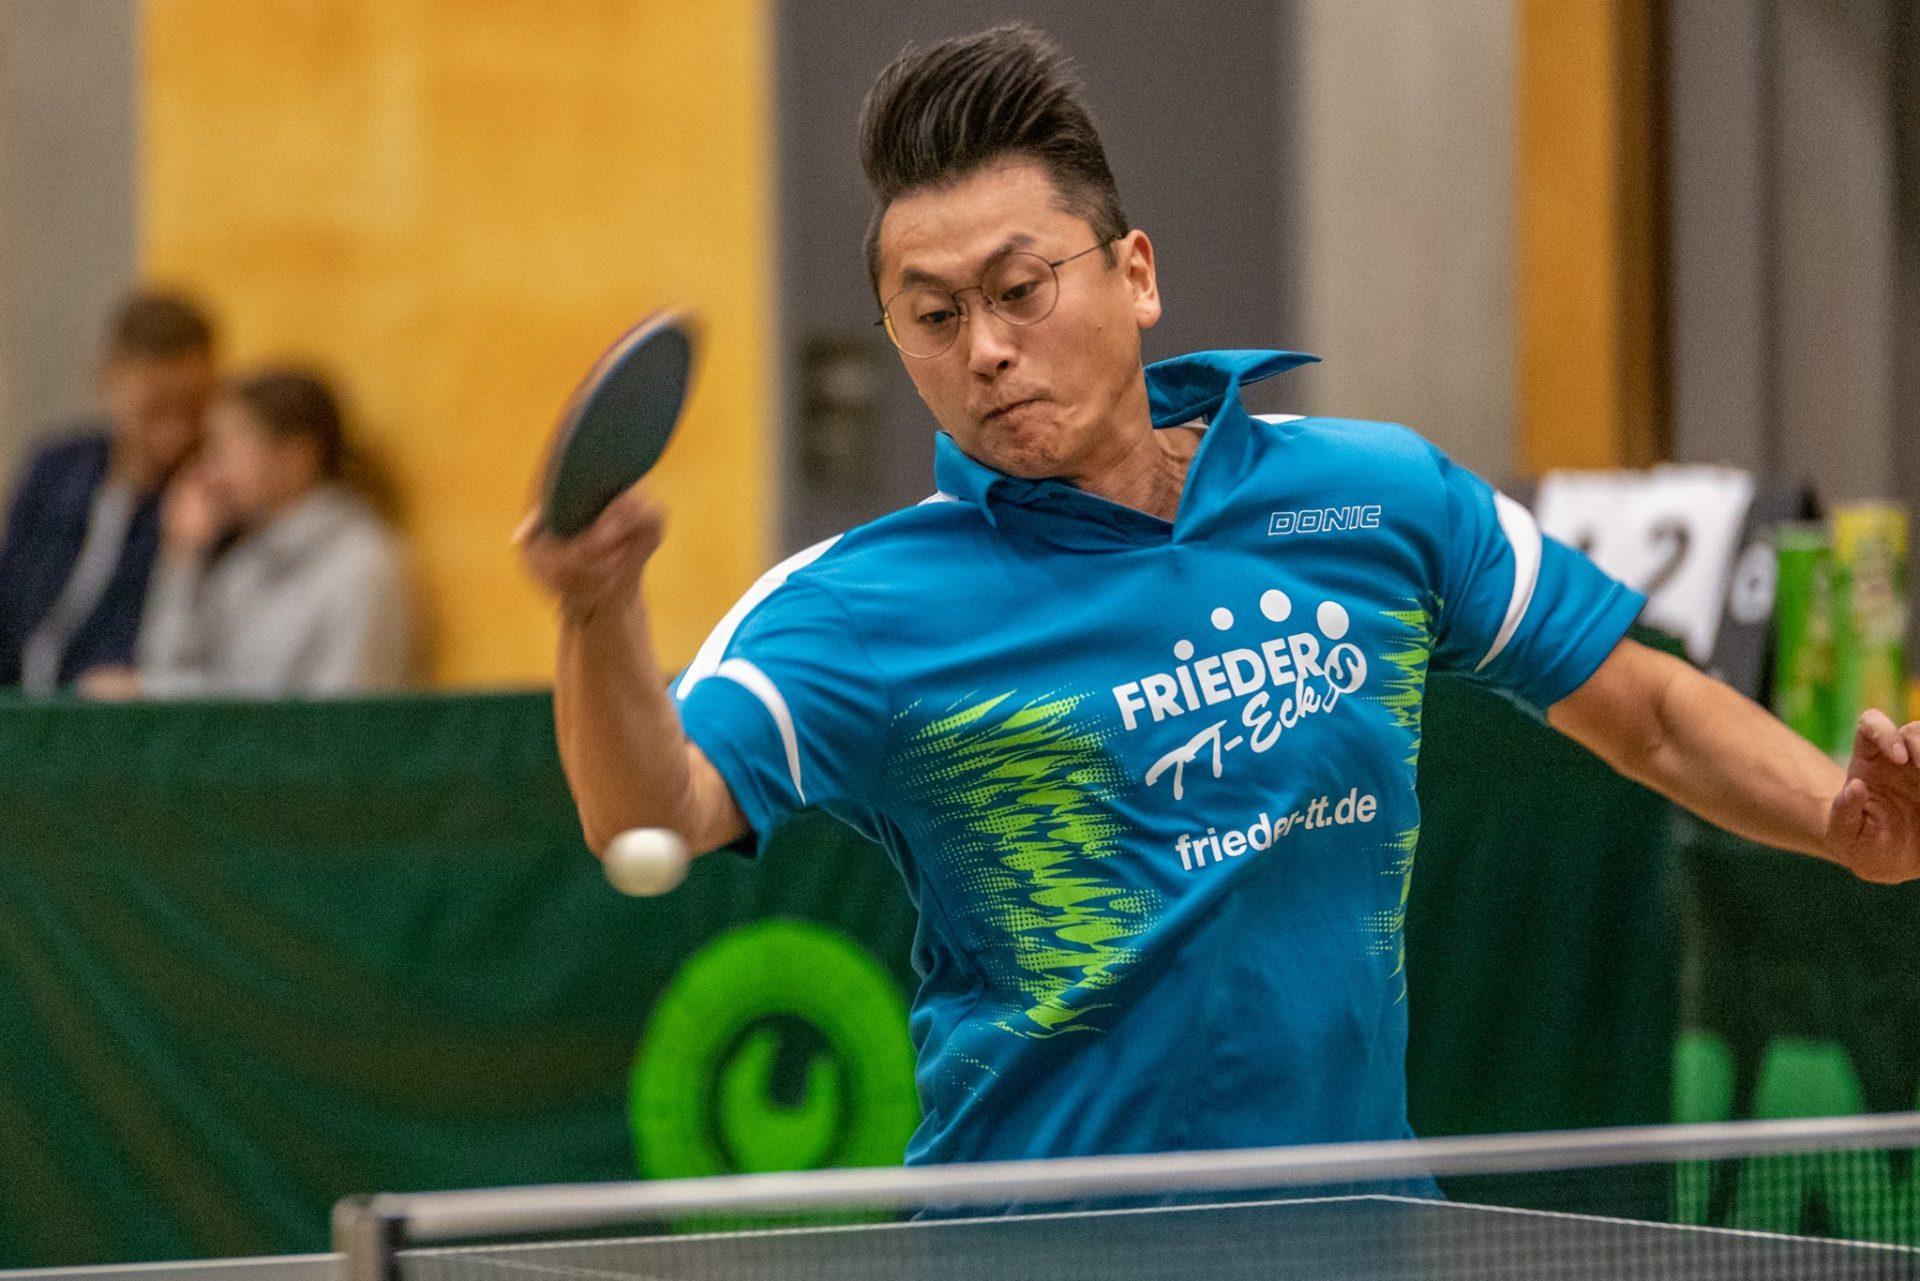 Sportfotografie - Tischtennis